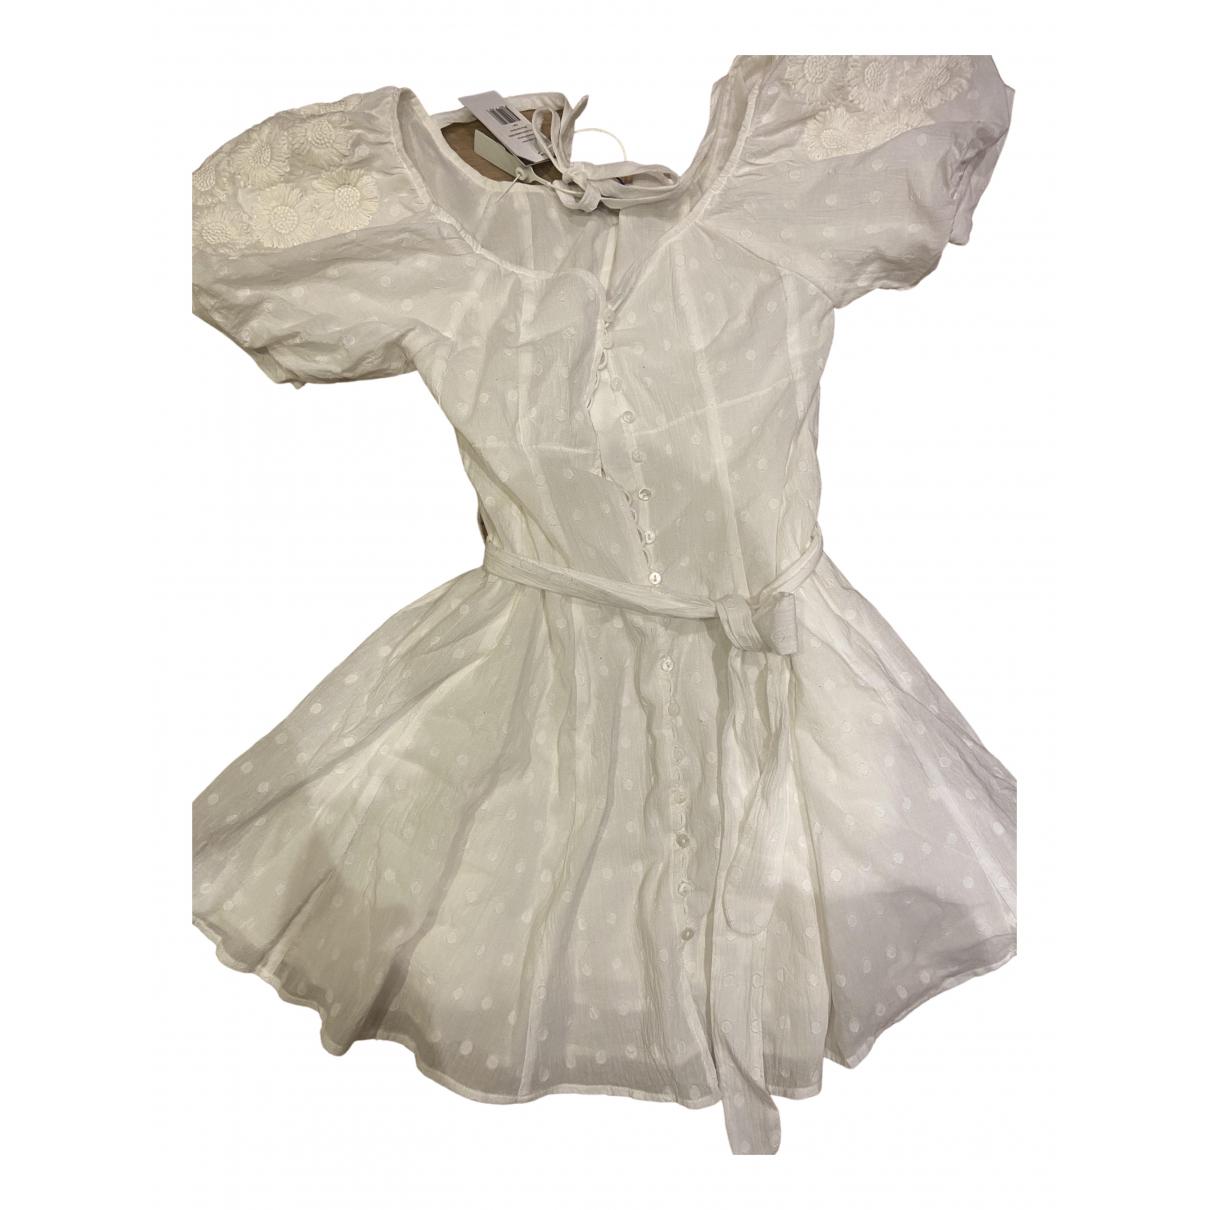 Innika Choo \N White Cotton dress for Women 1 0-5